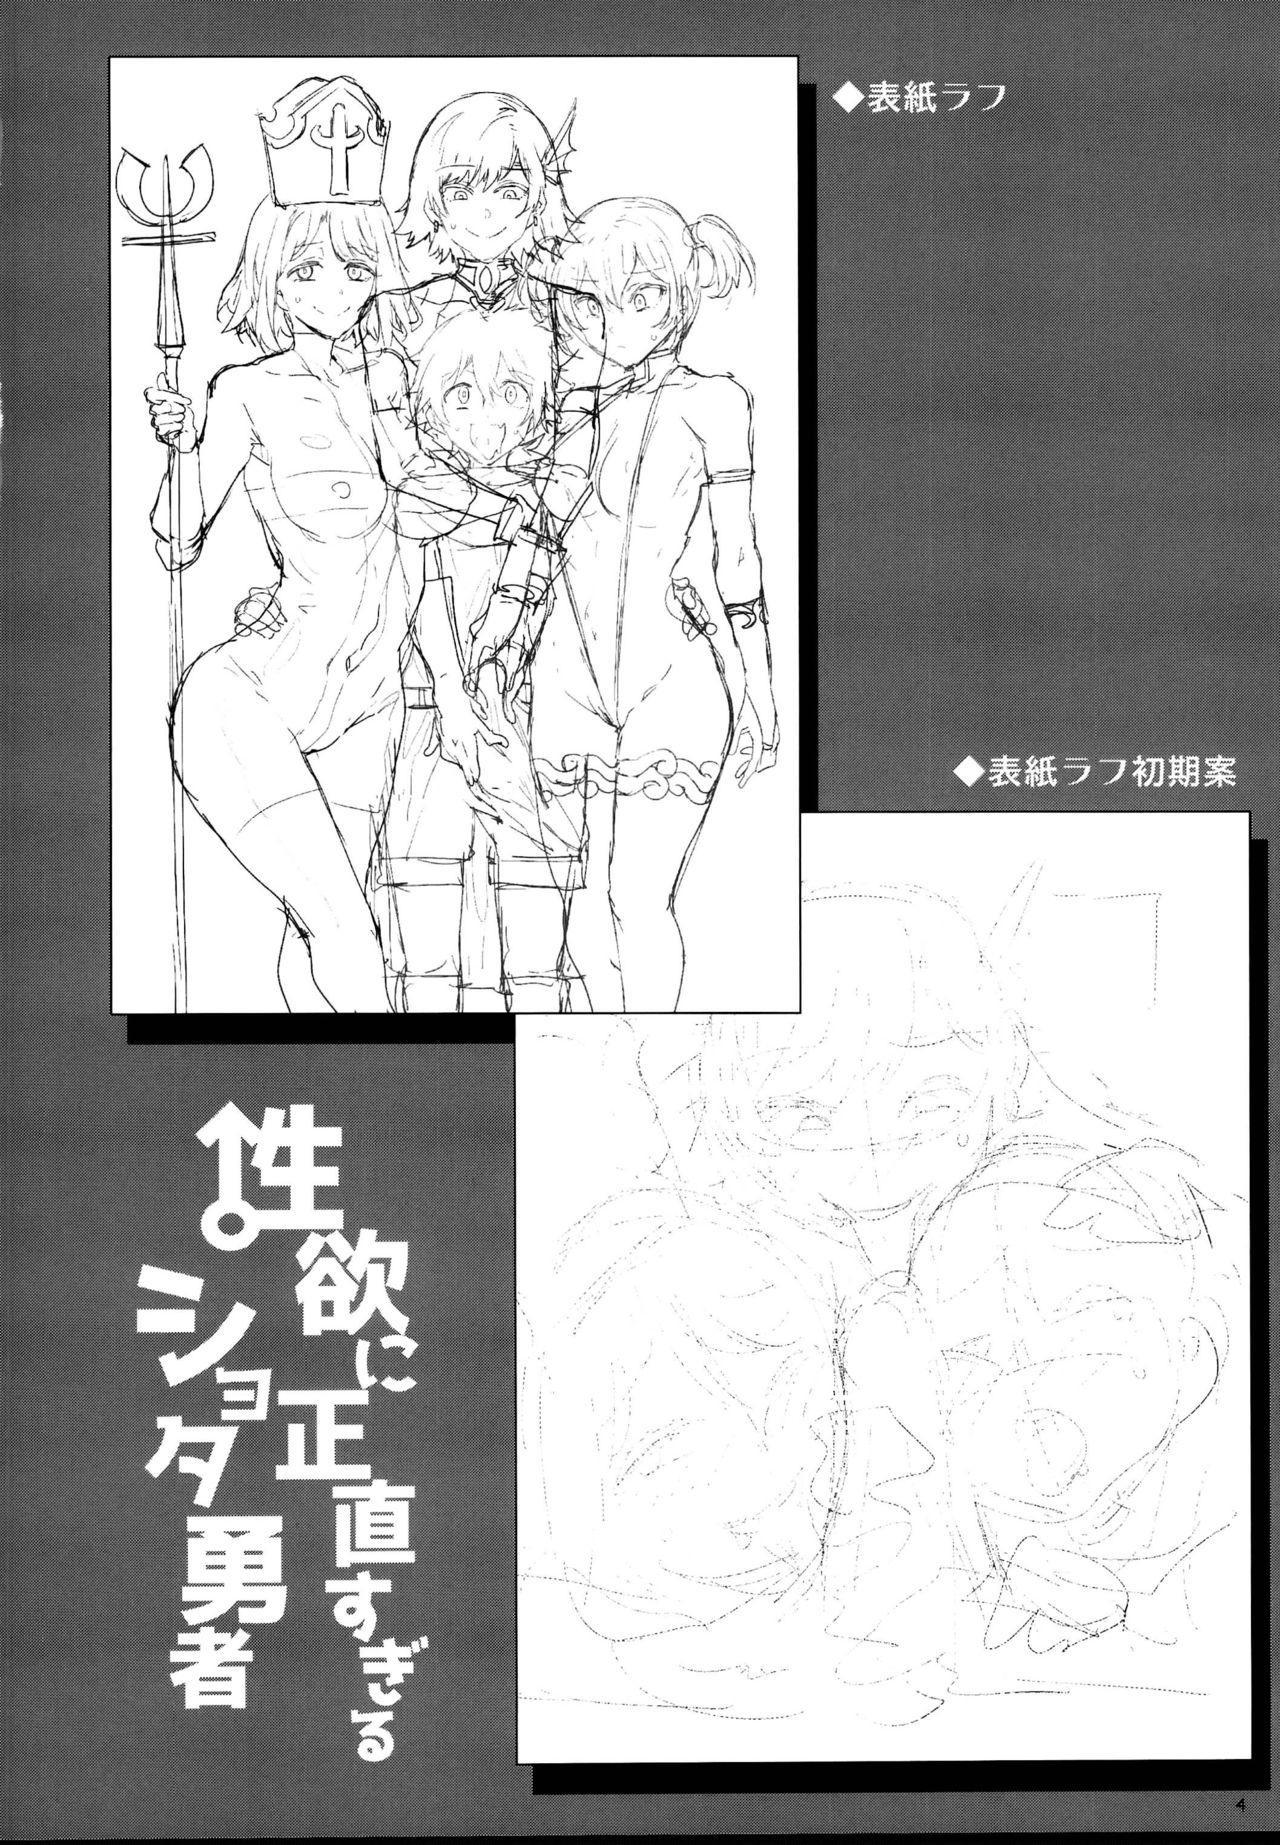 Seiyoku ni Shoujiki Sugiru Shota Yuusha   The boy hero who was too frank with his lust/Seiyoku ni Shoujiki Sugiru Shota Yuusha 3